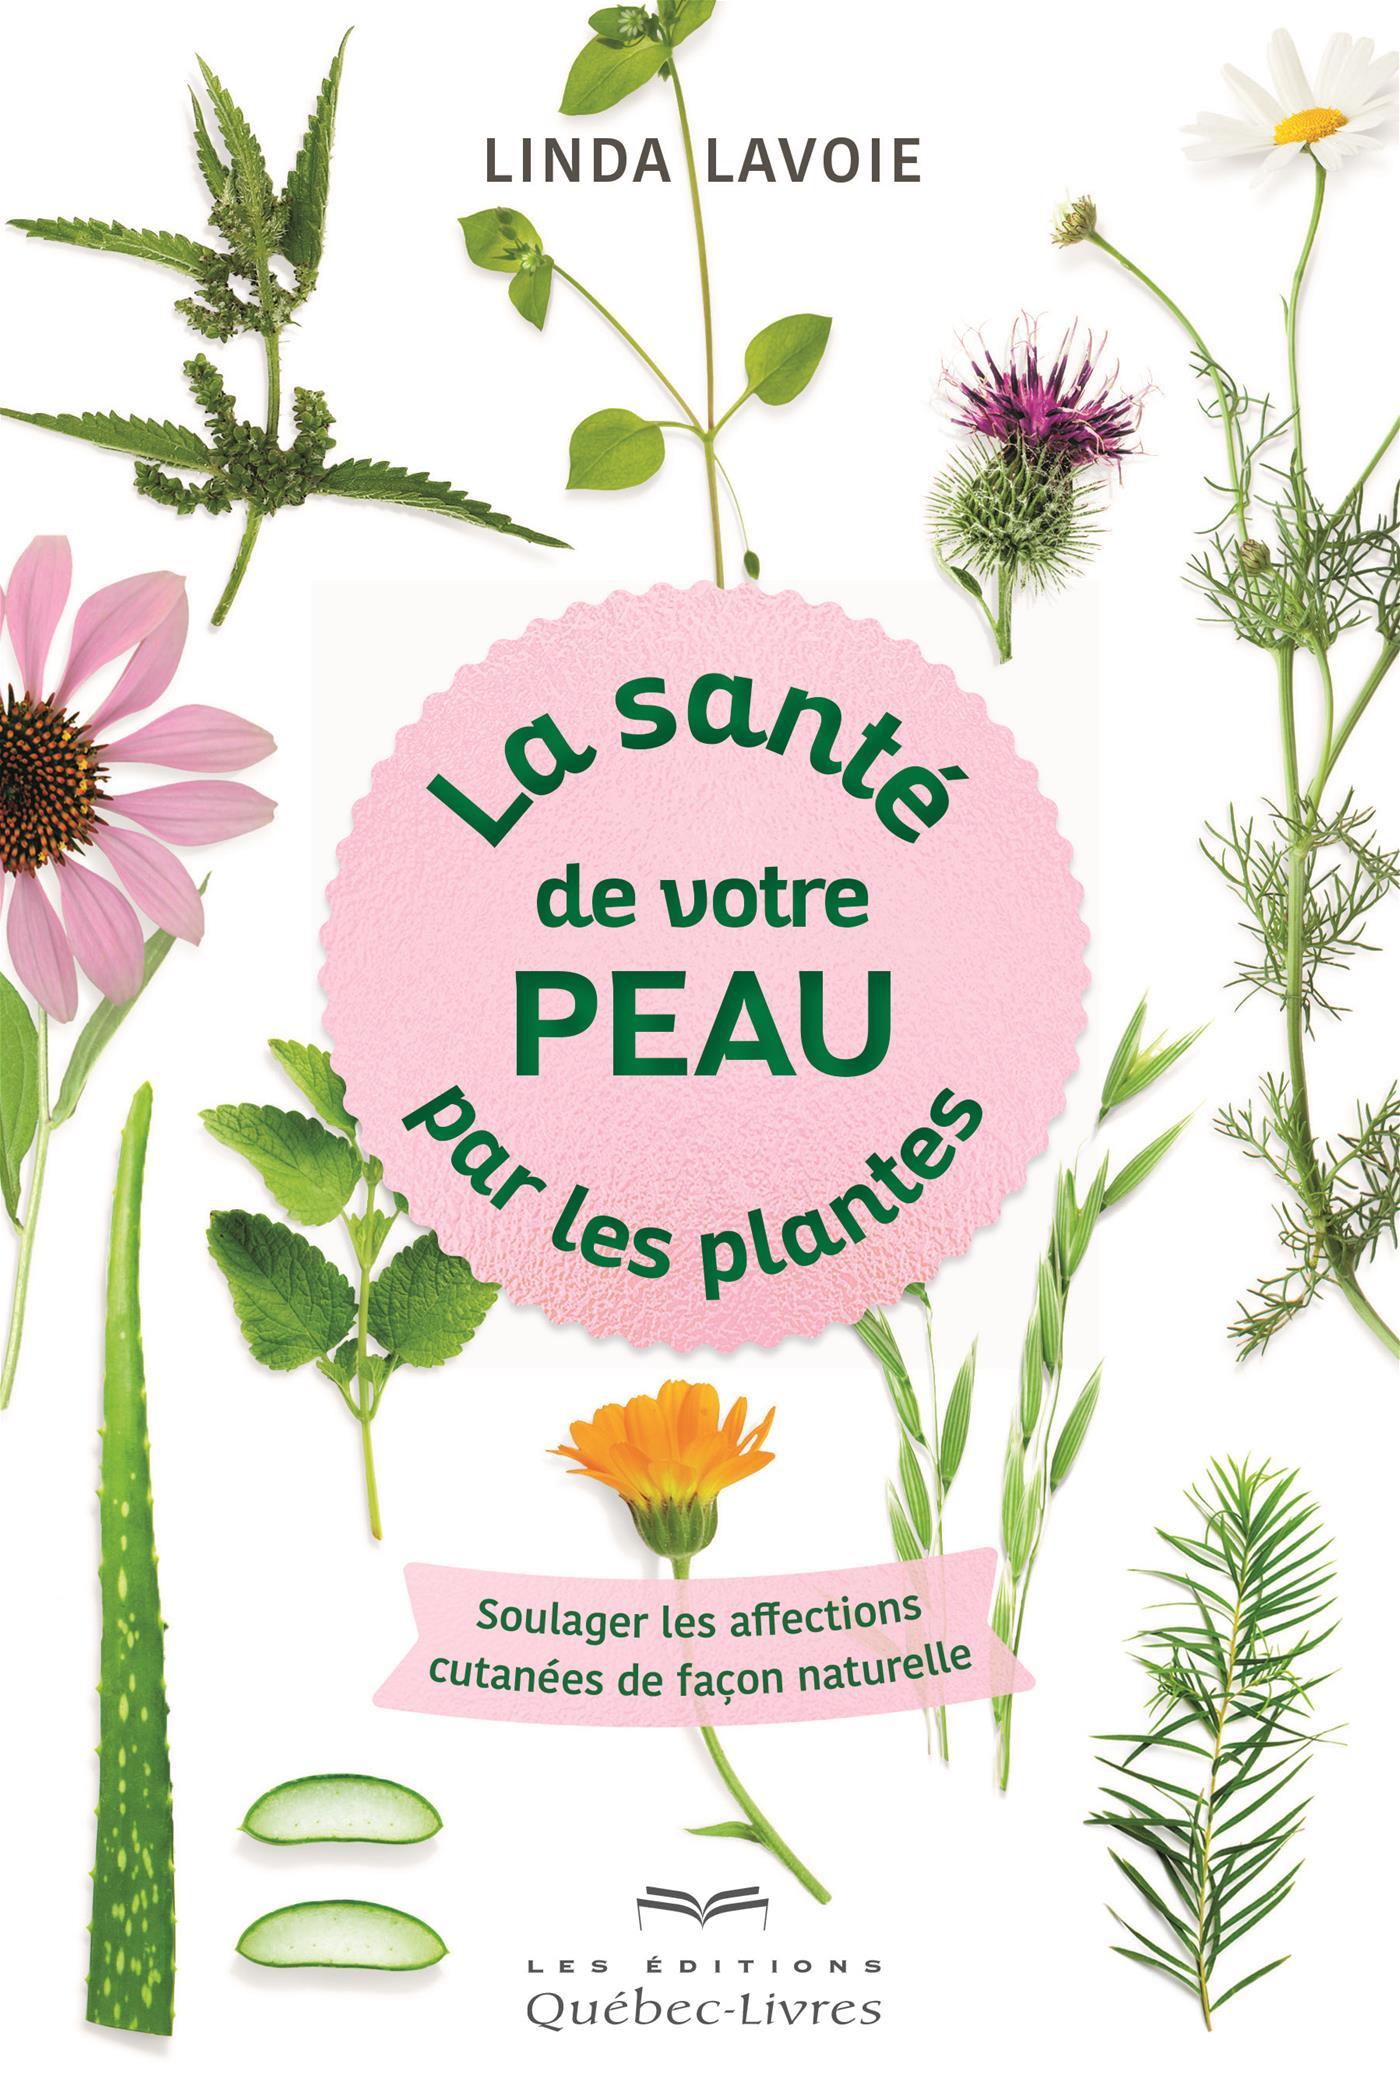 La santé de votre peau par les plantes